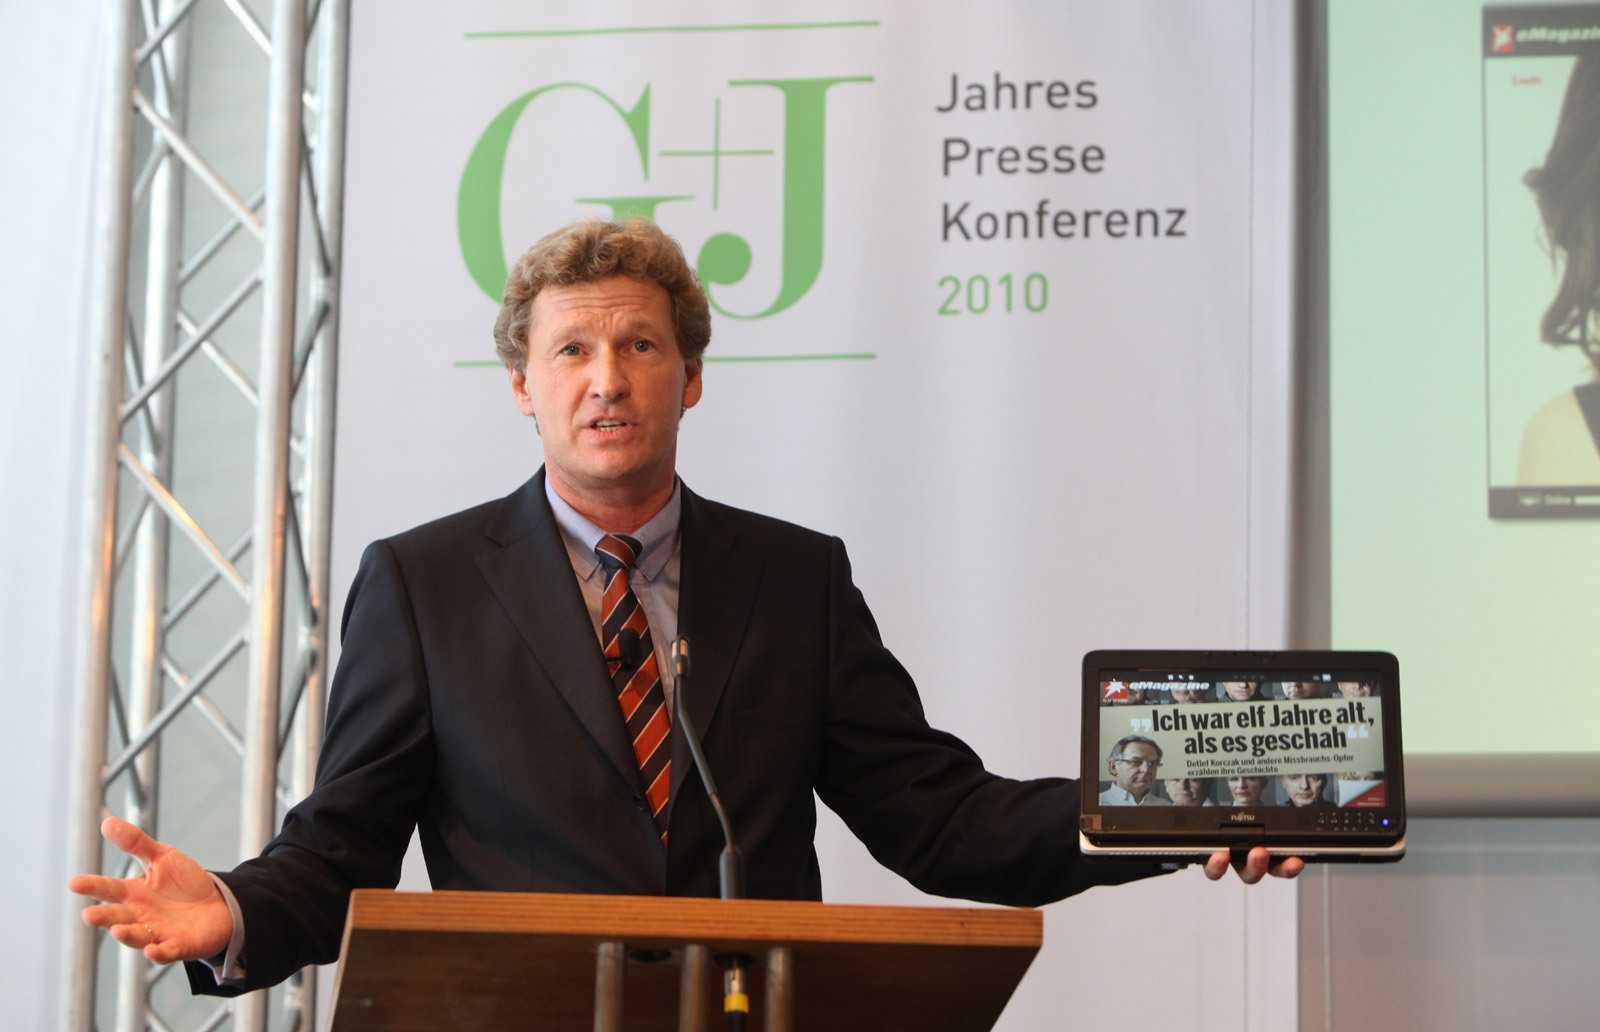 Bernd Buchholz, Vorstandschef von Gruner + Jahr